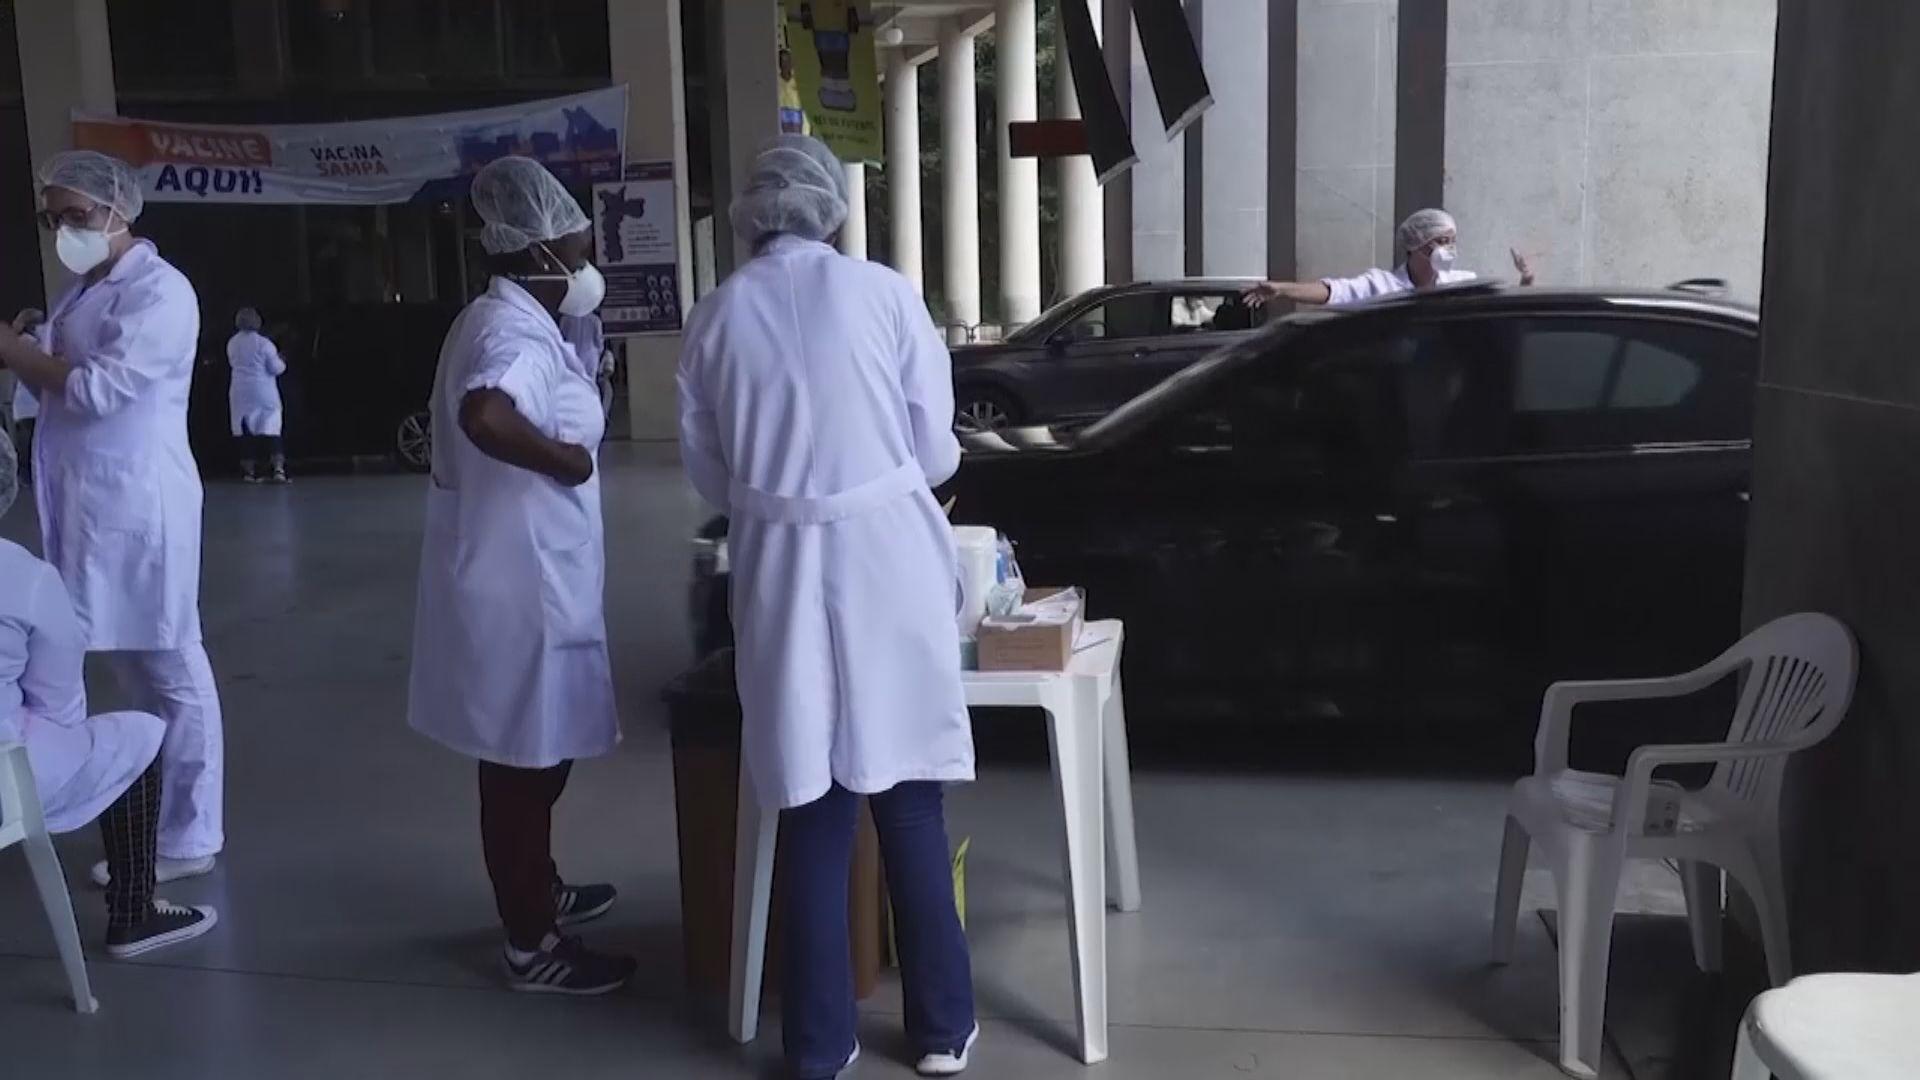 巴西疫情嚴峻 聖保羅州周六進入紅色警戒狀態